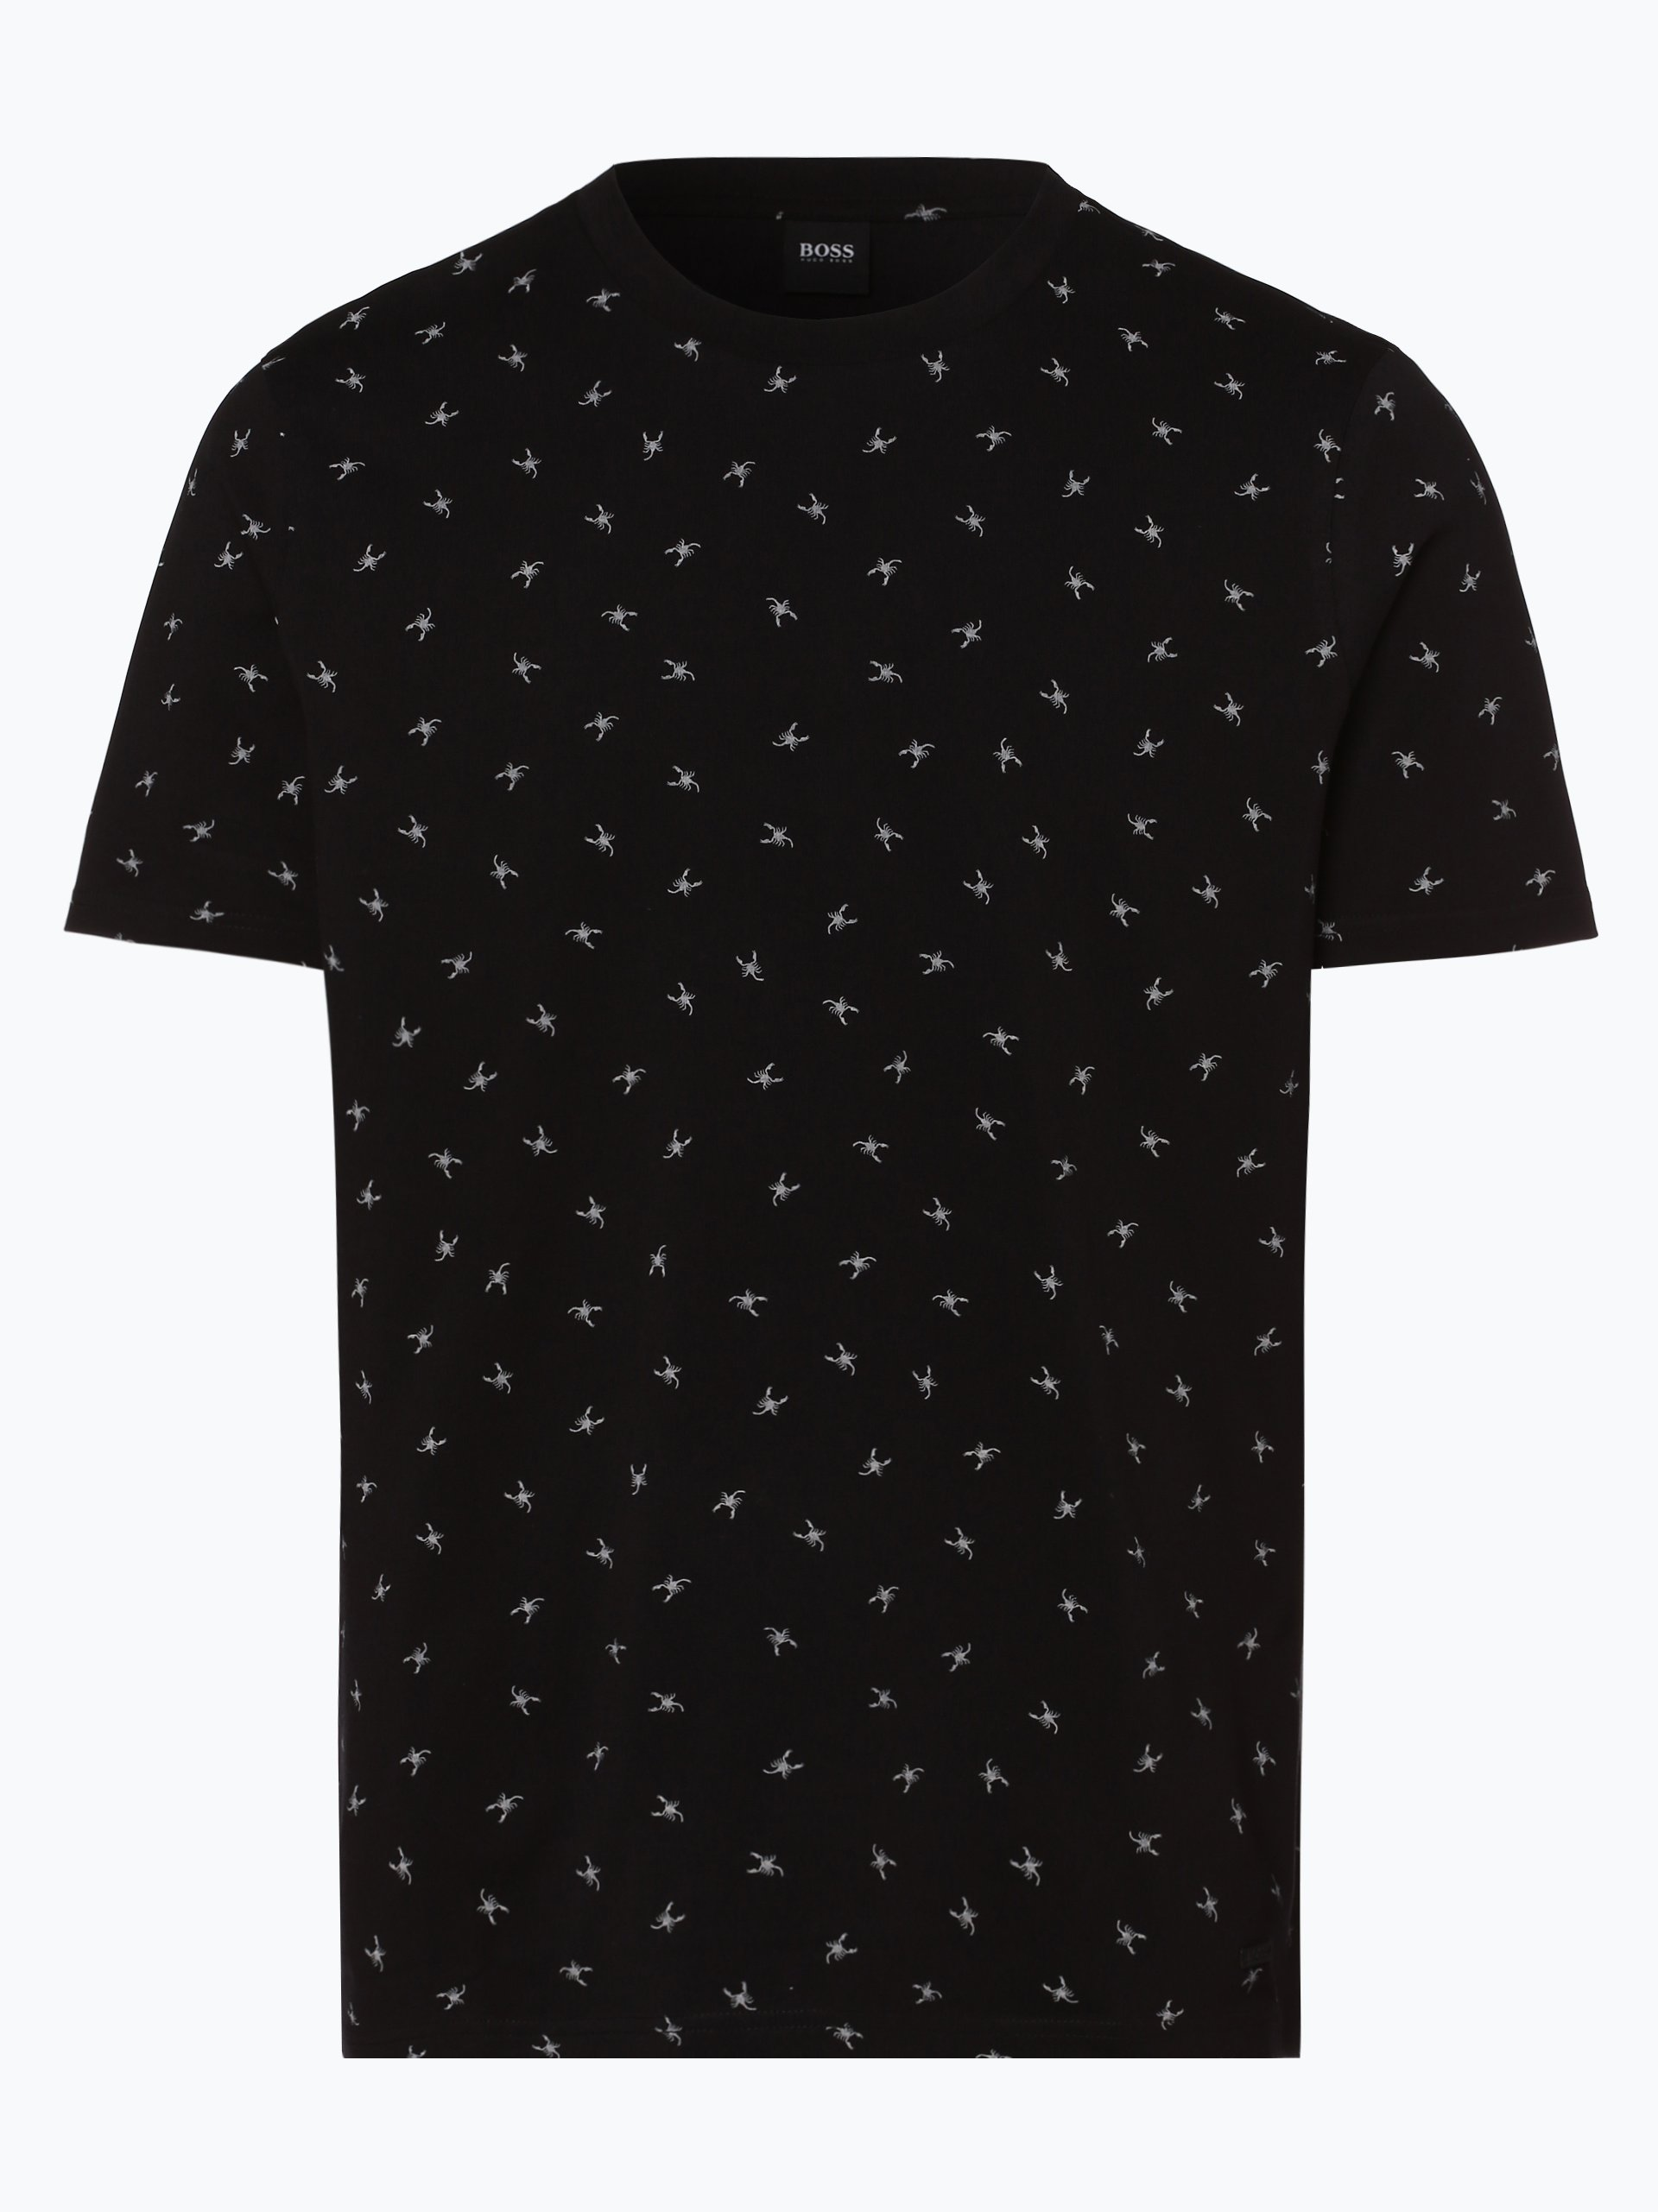 BOSS Casual Herren T-Shirt - TScorpio